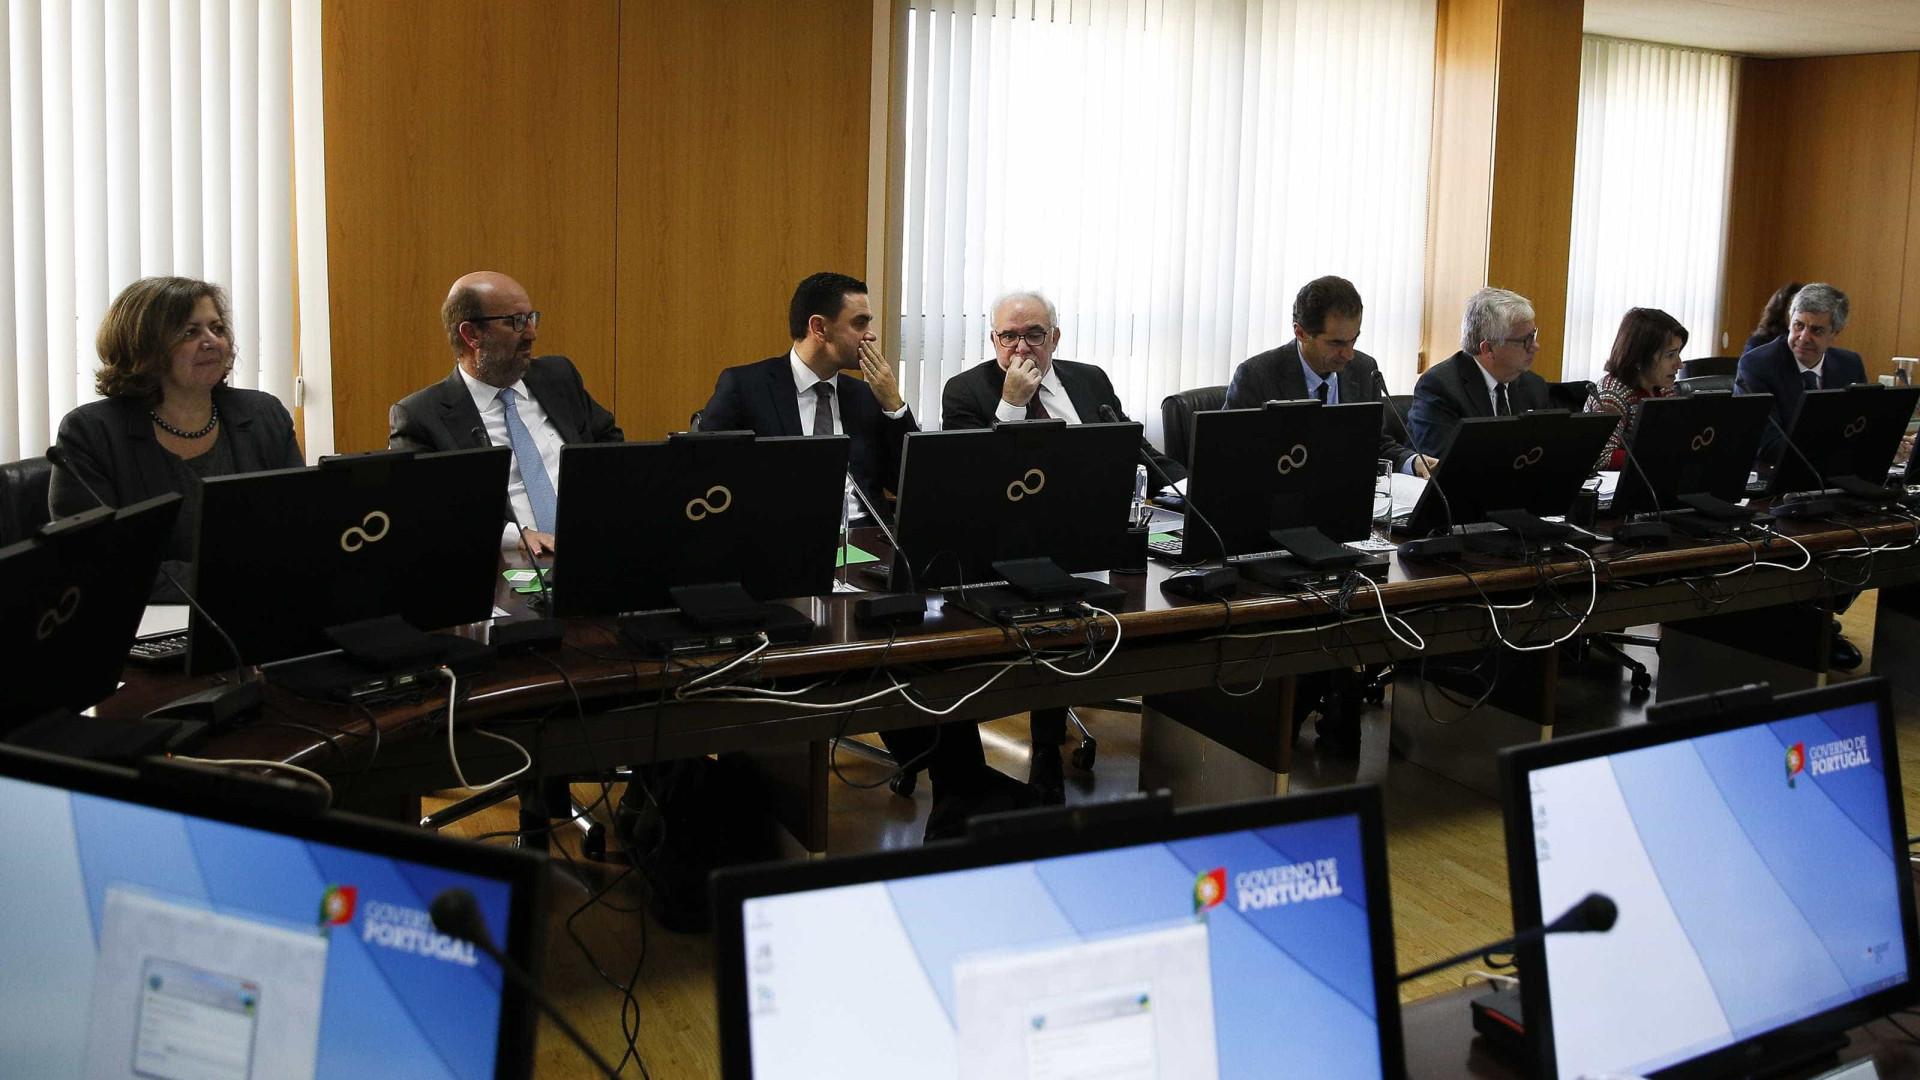 OE2018: Conselho de Ministros reúne-se hoje para aprovar proposta